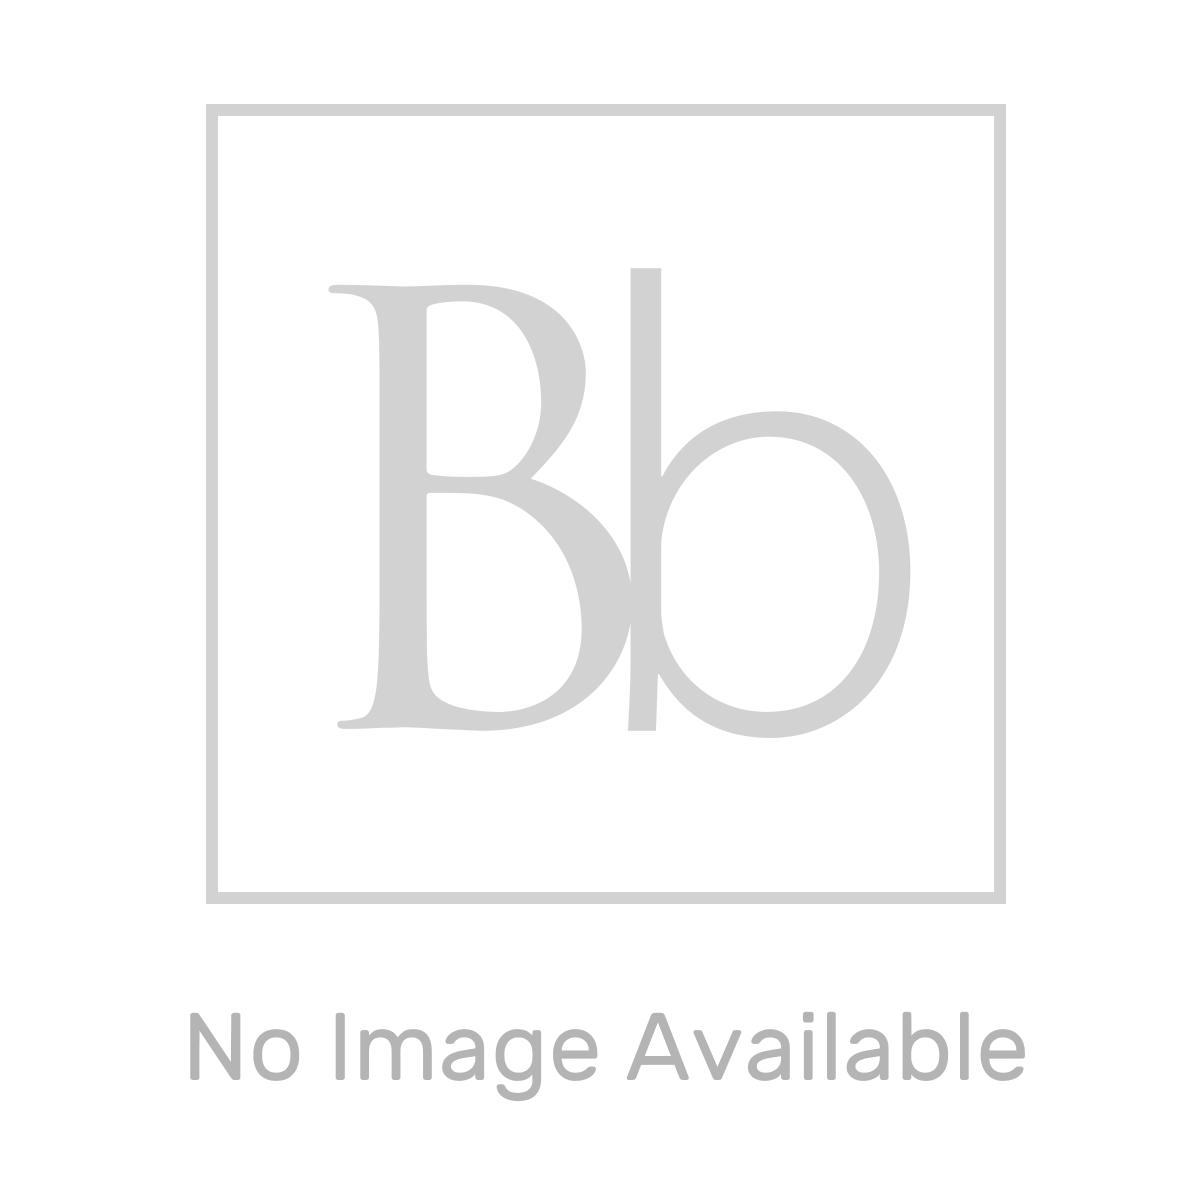 RAK Surface Outdoor Charcoal Matt Tile 600 x 600mm